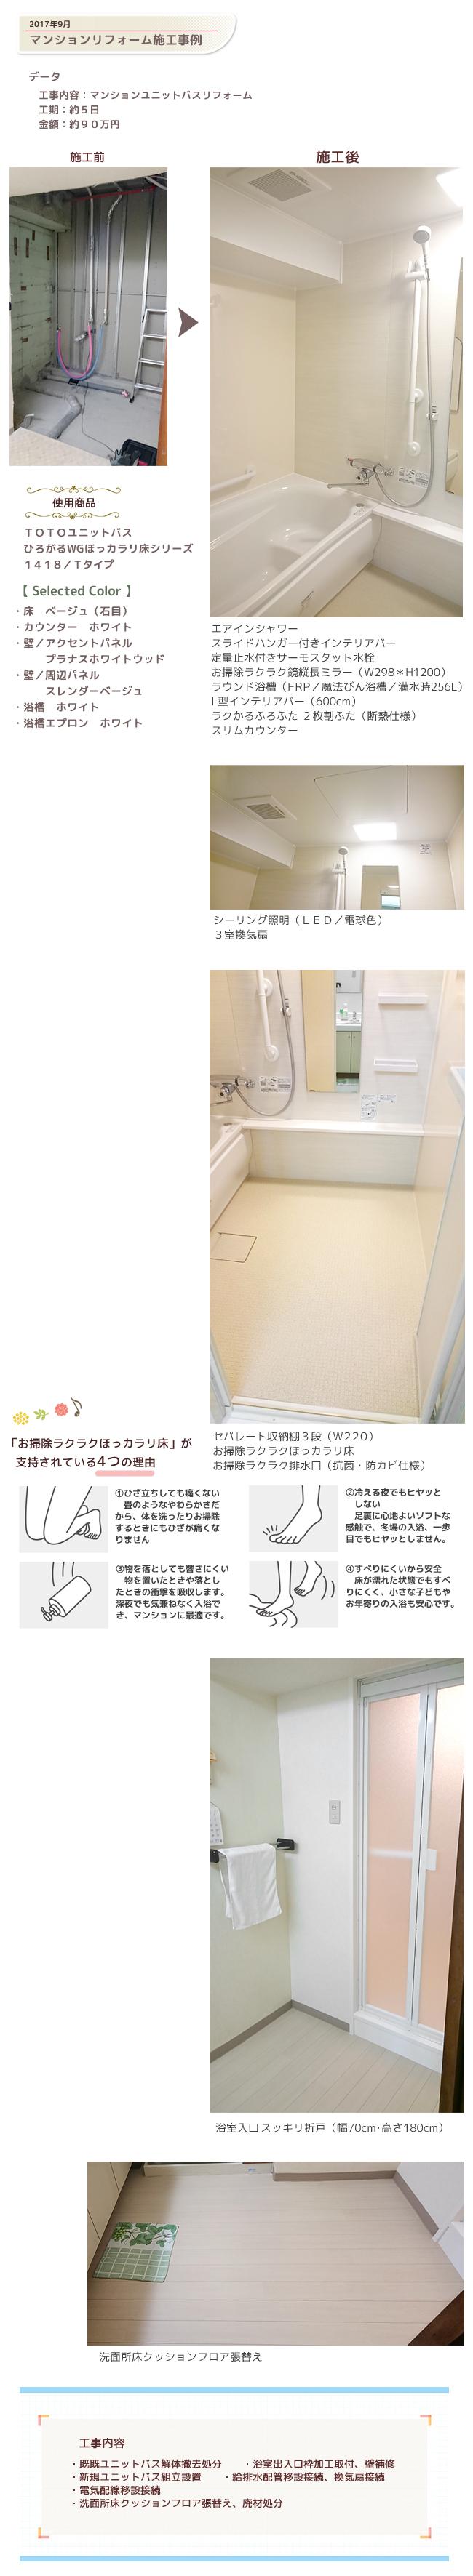 ブログ施工事例-小田急2号棟